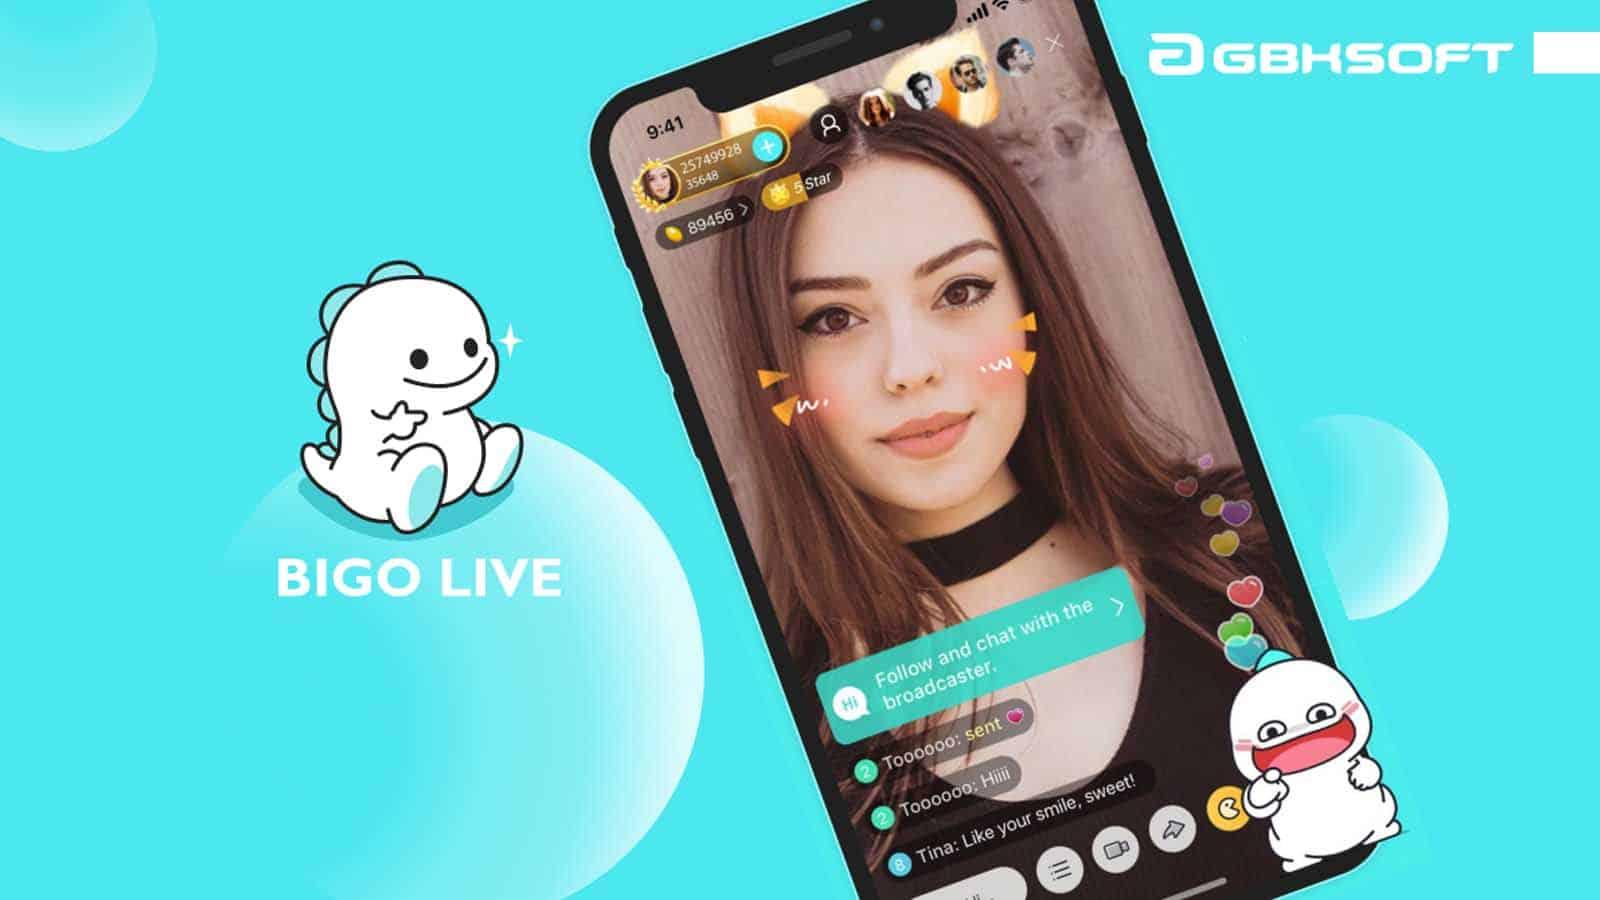 bigo live streaming